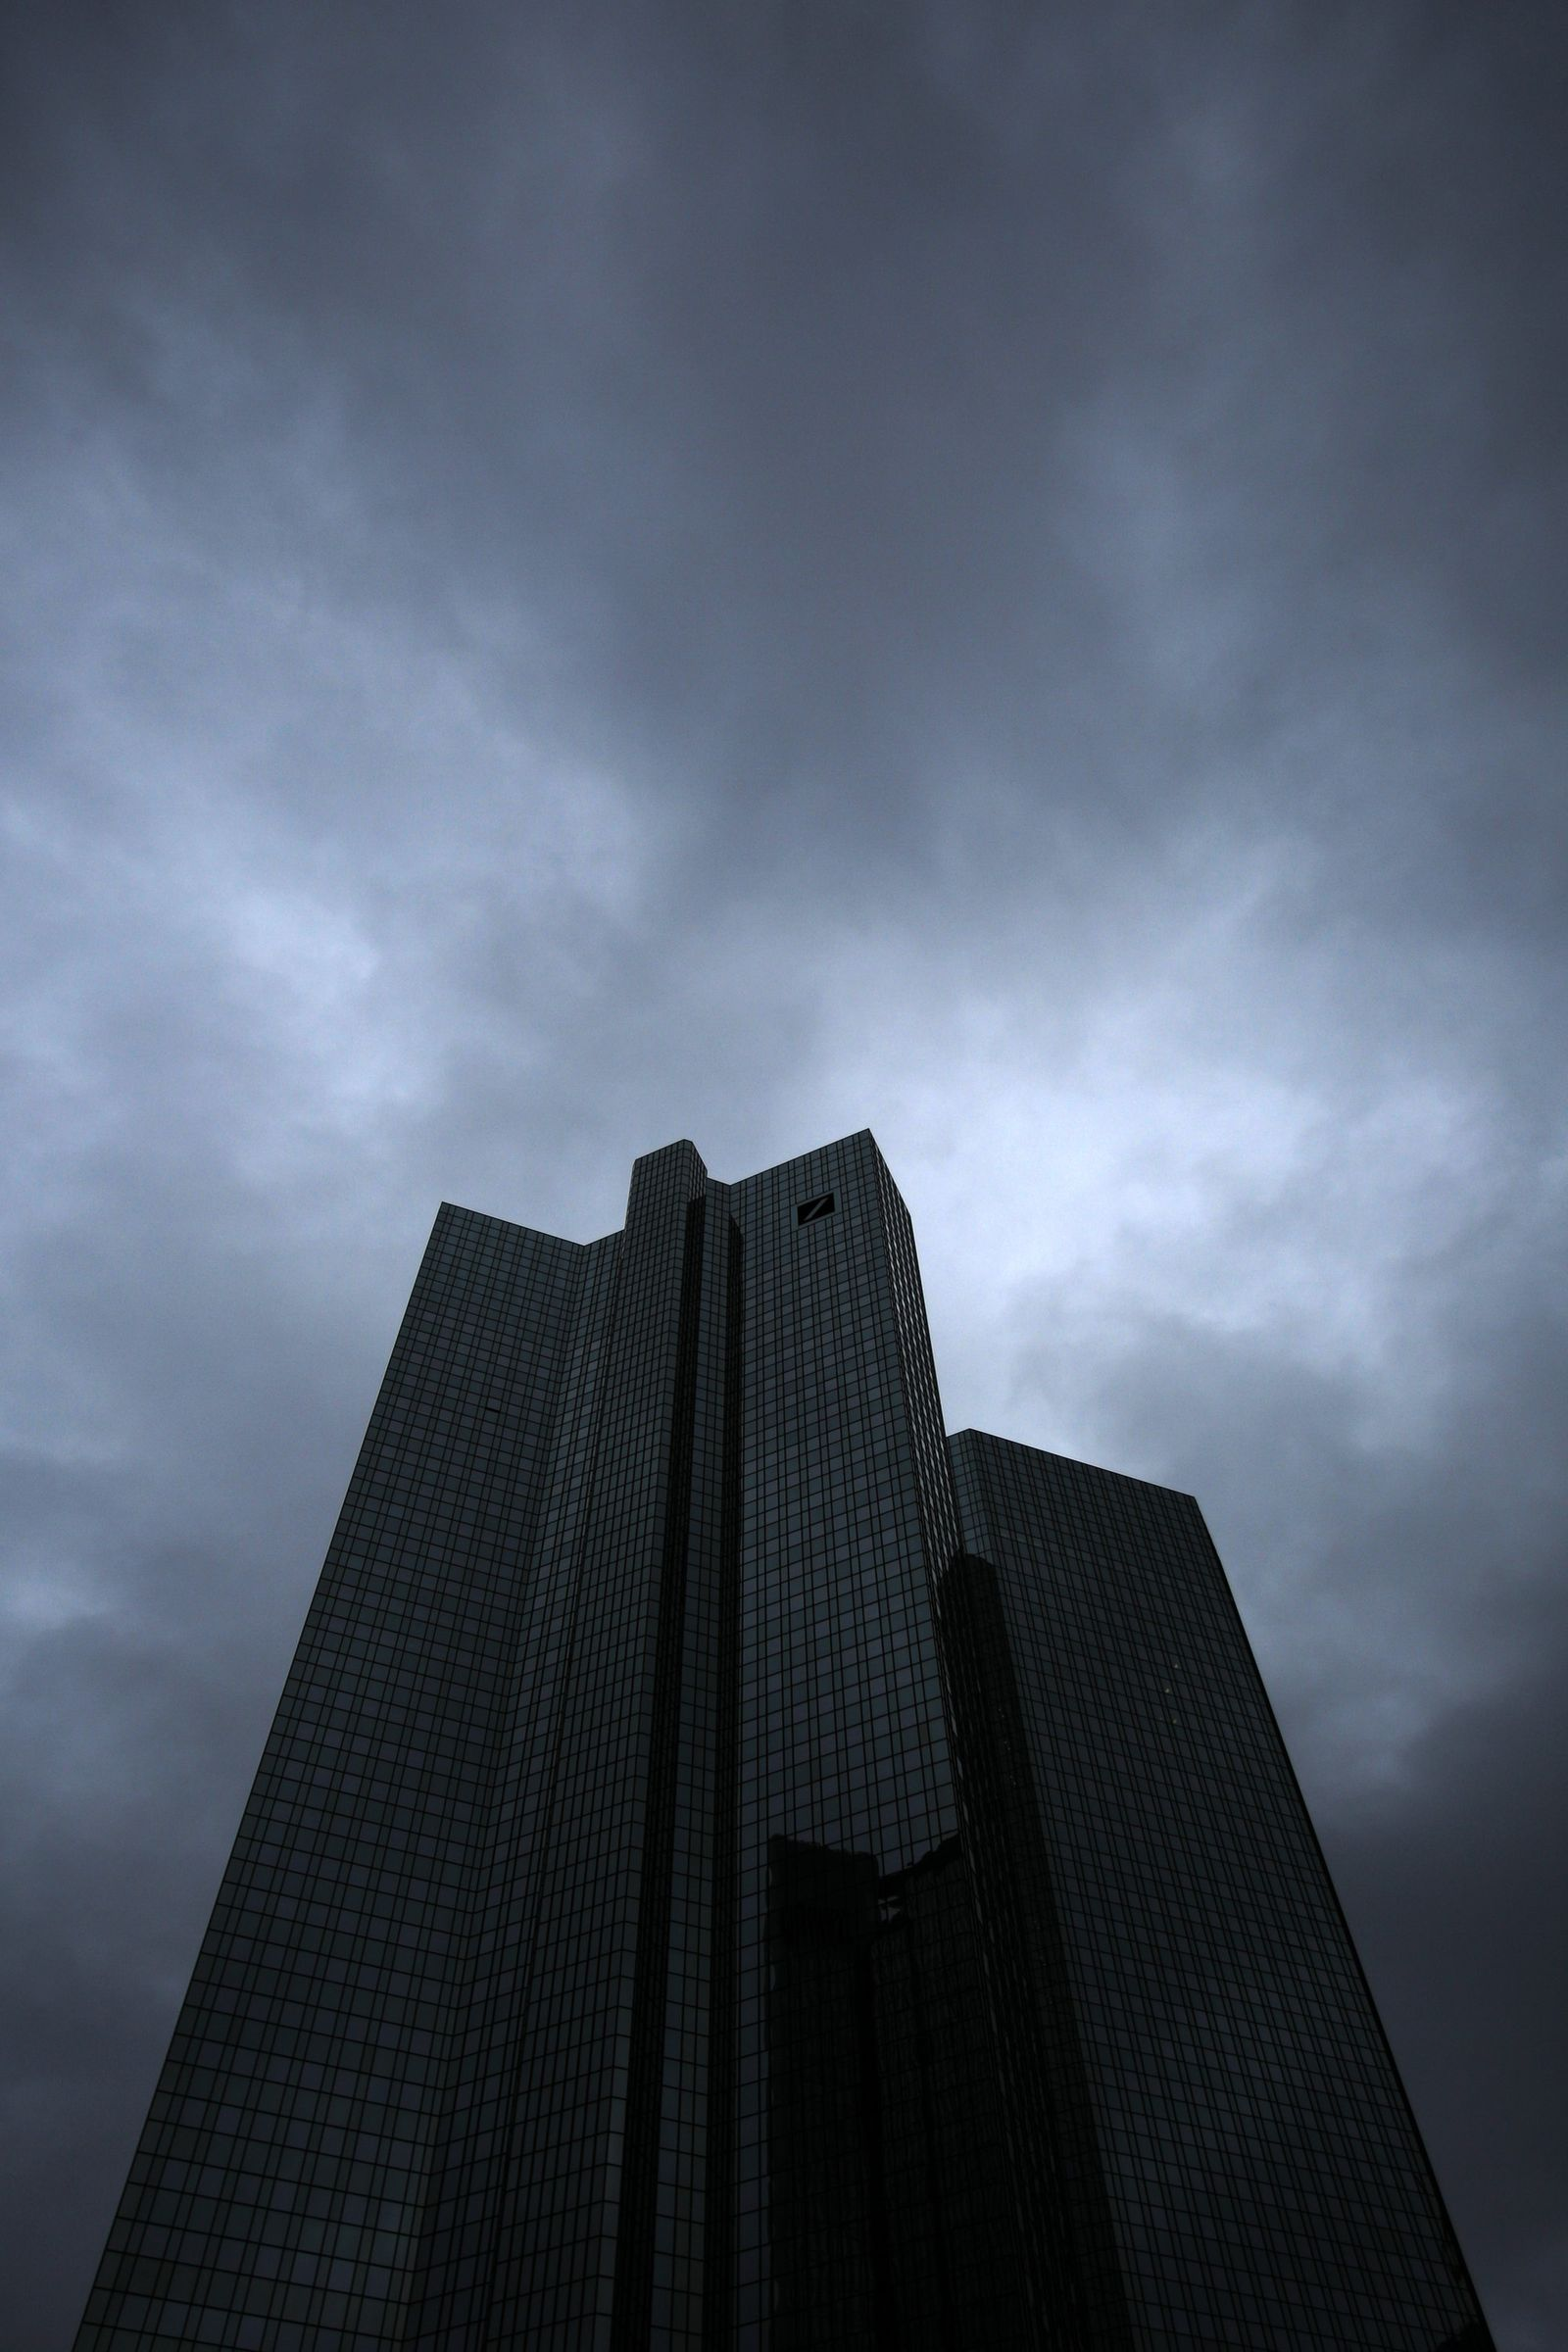 Deutsche-Bank dunkle Wolken